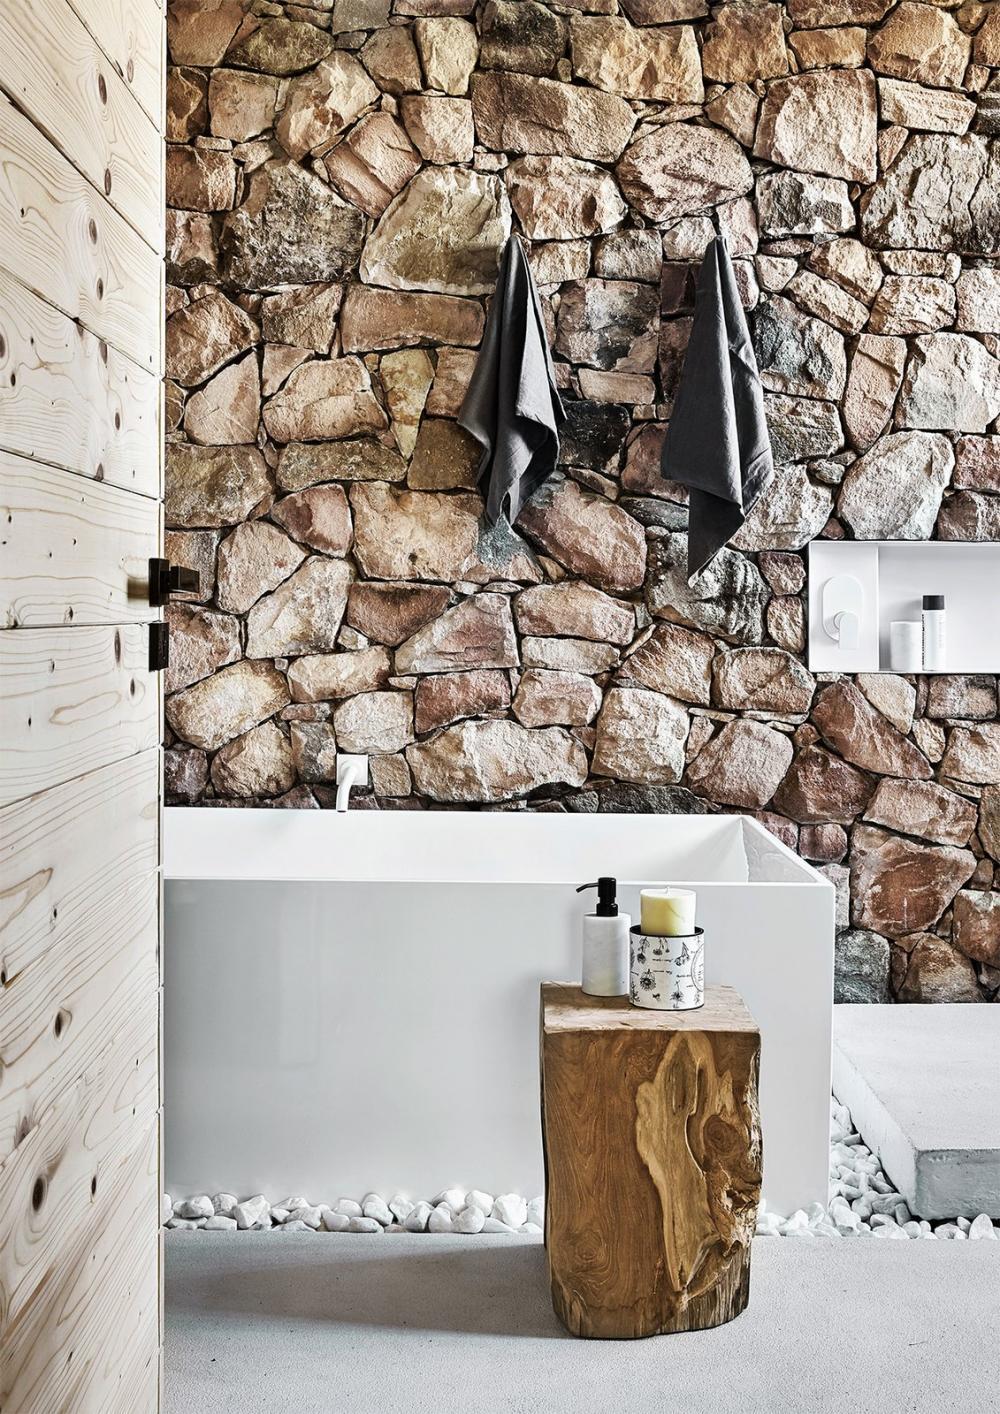 Điểm nhấn của phòng tắm chính là những bức tường làm bằng đá thô